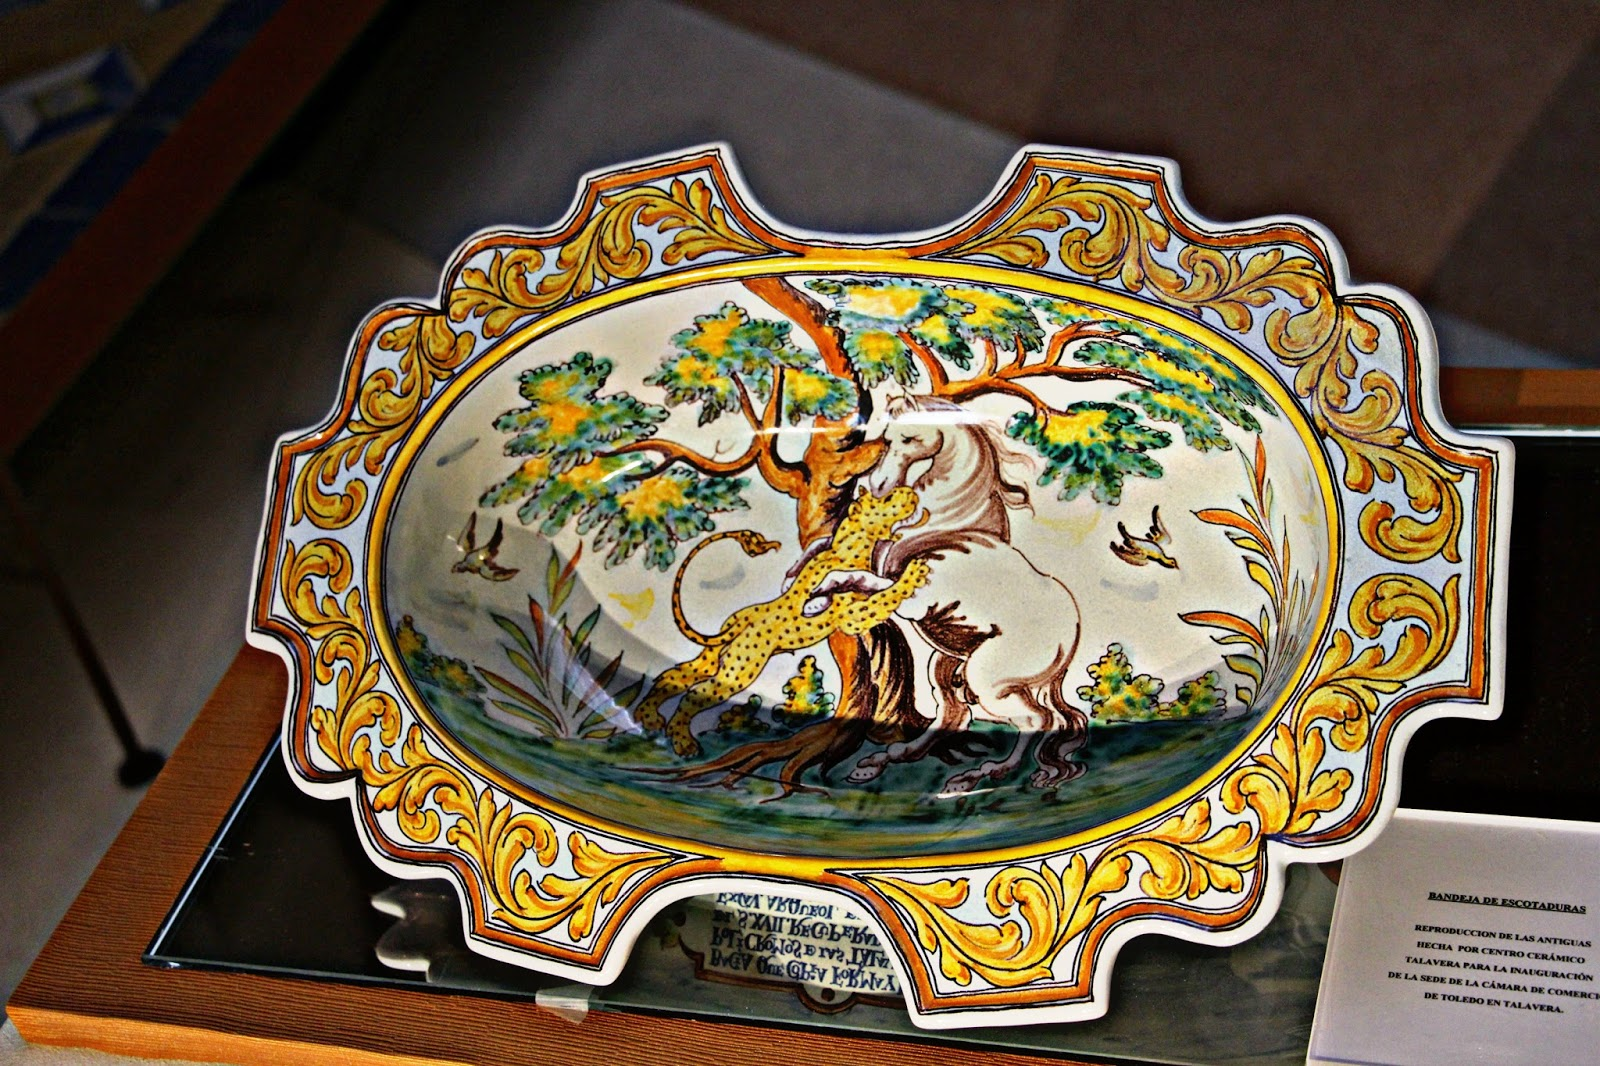 Las im genes que yo veo toledo talavera museo de la - Talavera dela reina ceramica ...